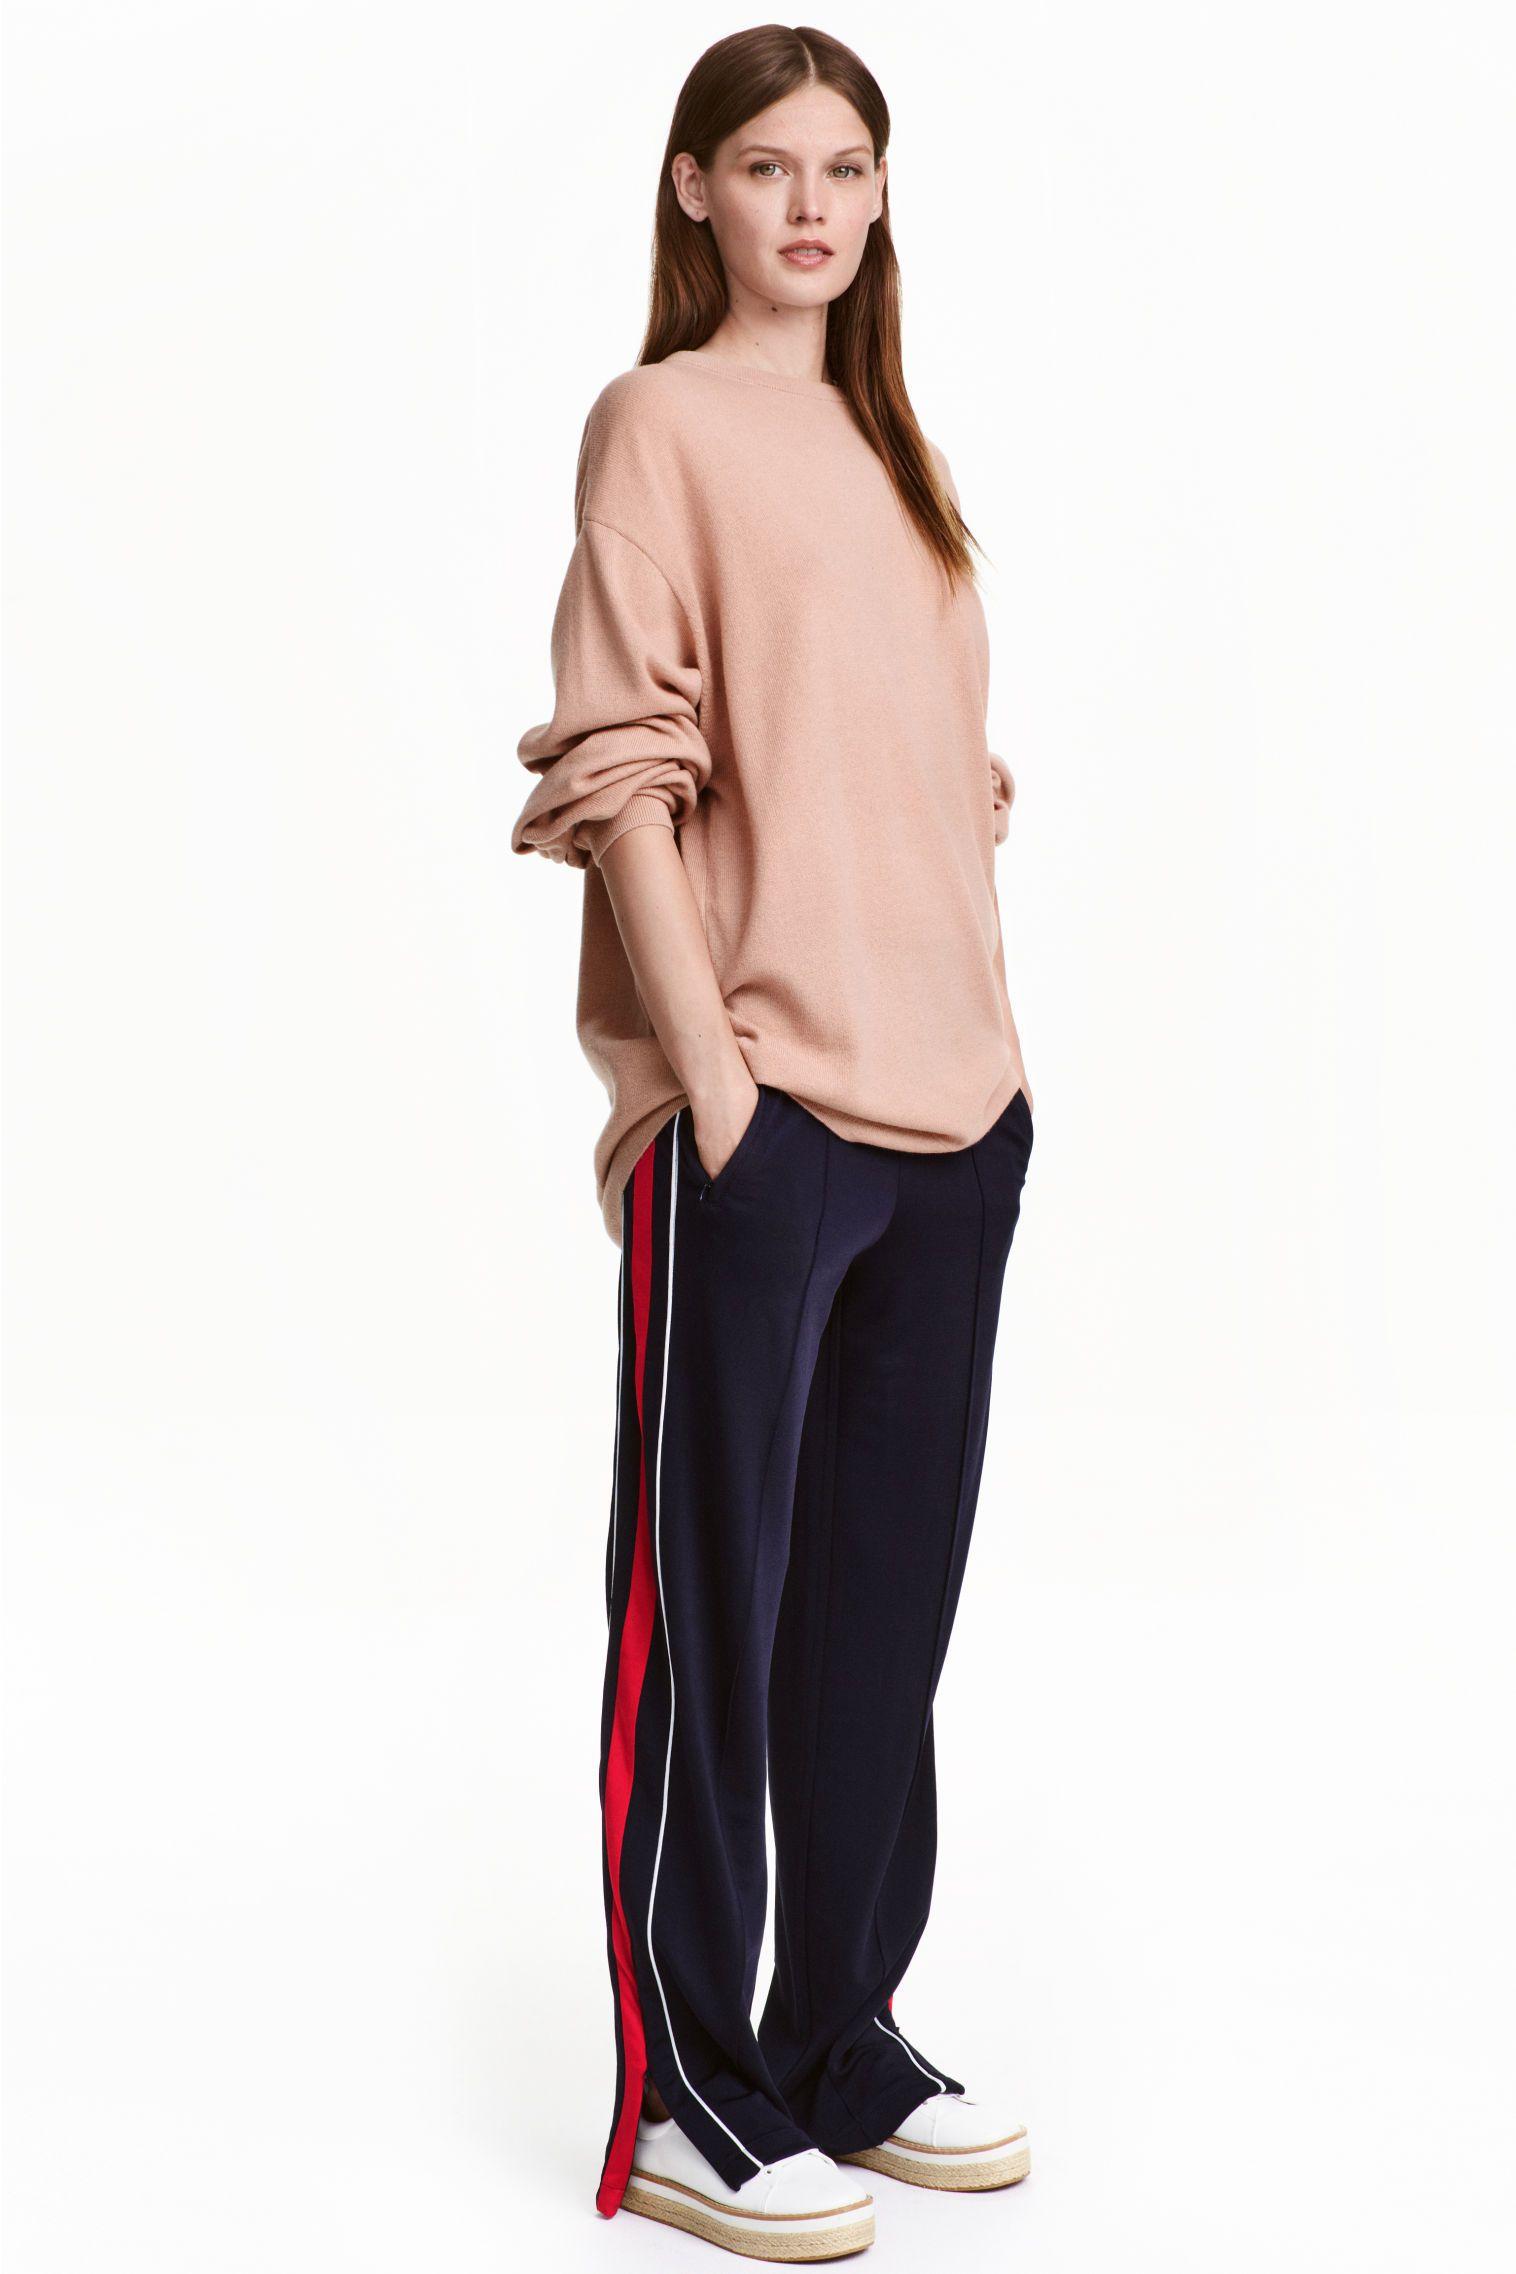 Pantalon jogger - Bleu foncé - FEMME   H&M FR